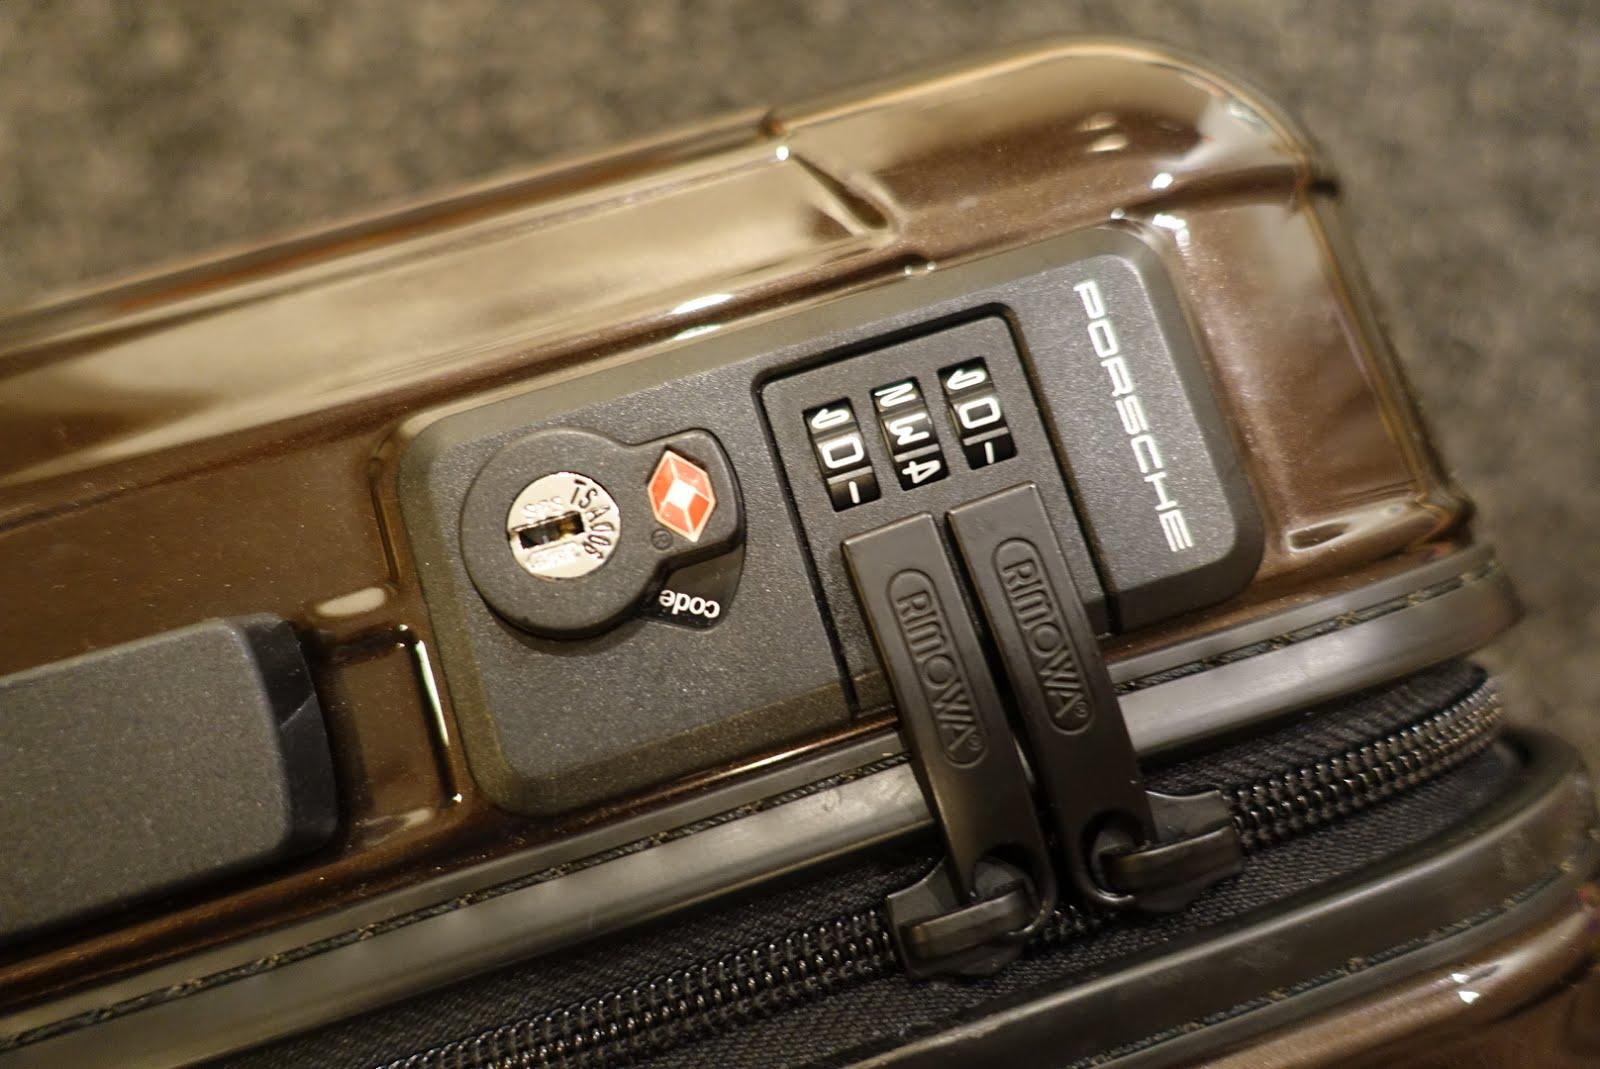 0e2a45ea31 リモワ(RIMOWA)のTSAロックの暗証番号が意図せずに変わってしまいスーツケースの鍵が開かなくなった時の対処法